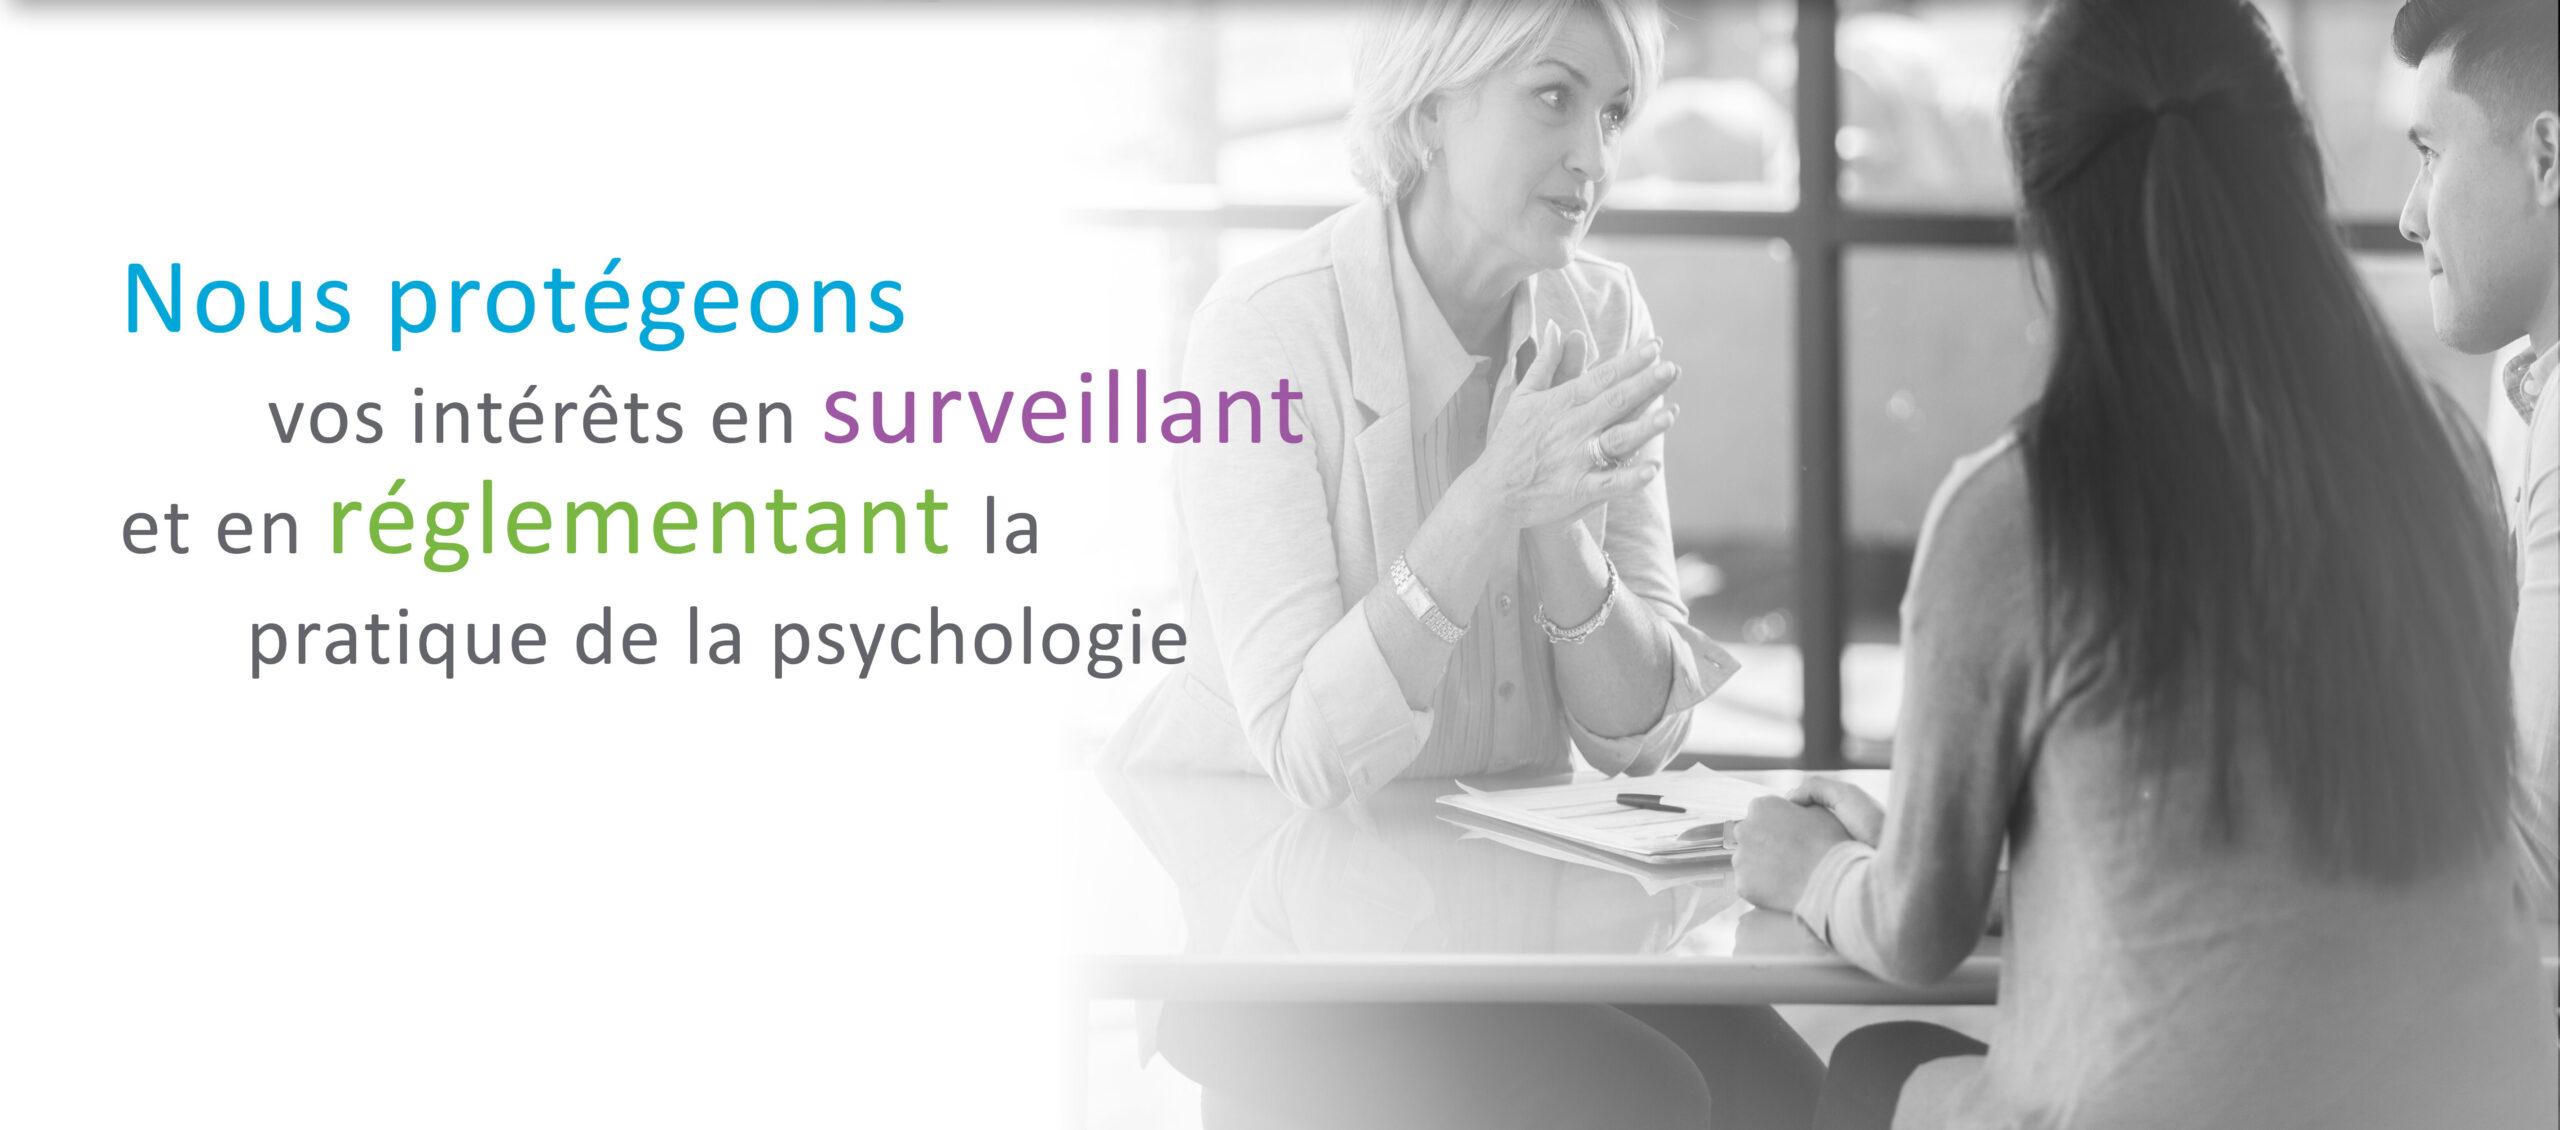 Nous protégeons vos intérêts en surveillant et en réglementant la pratique de la psychologie